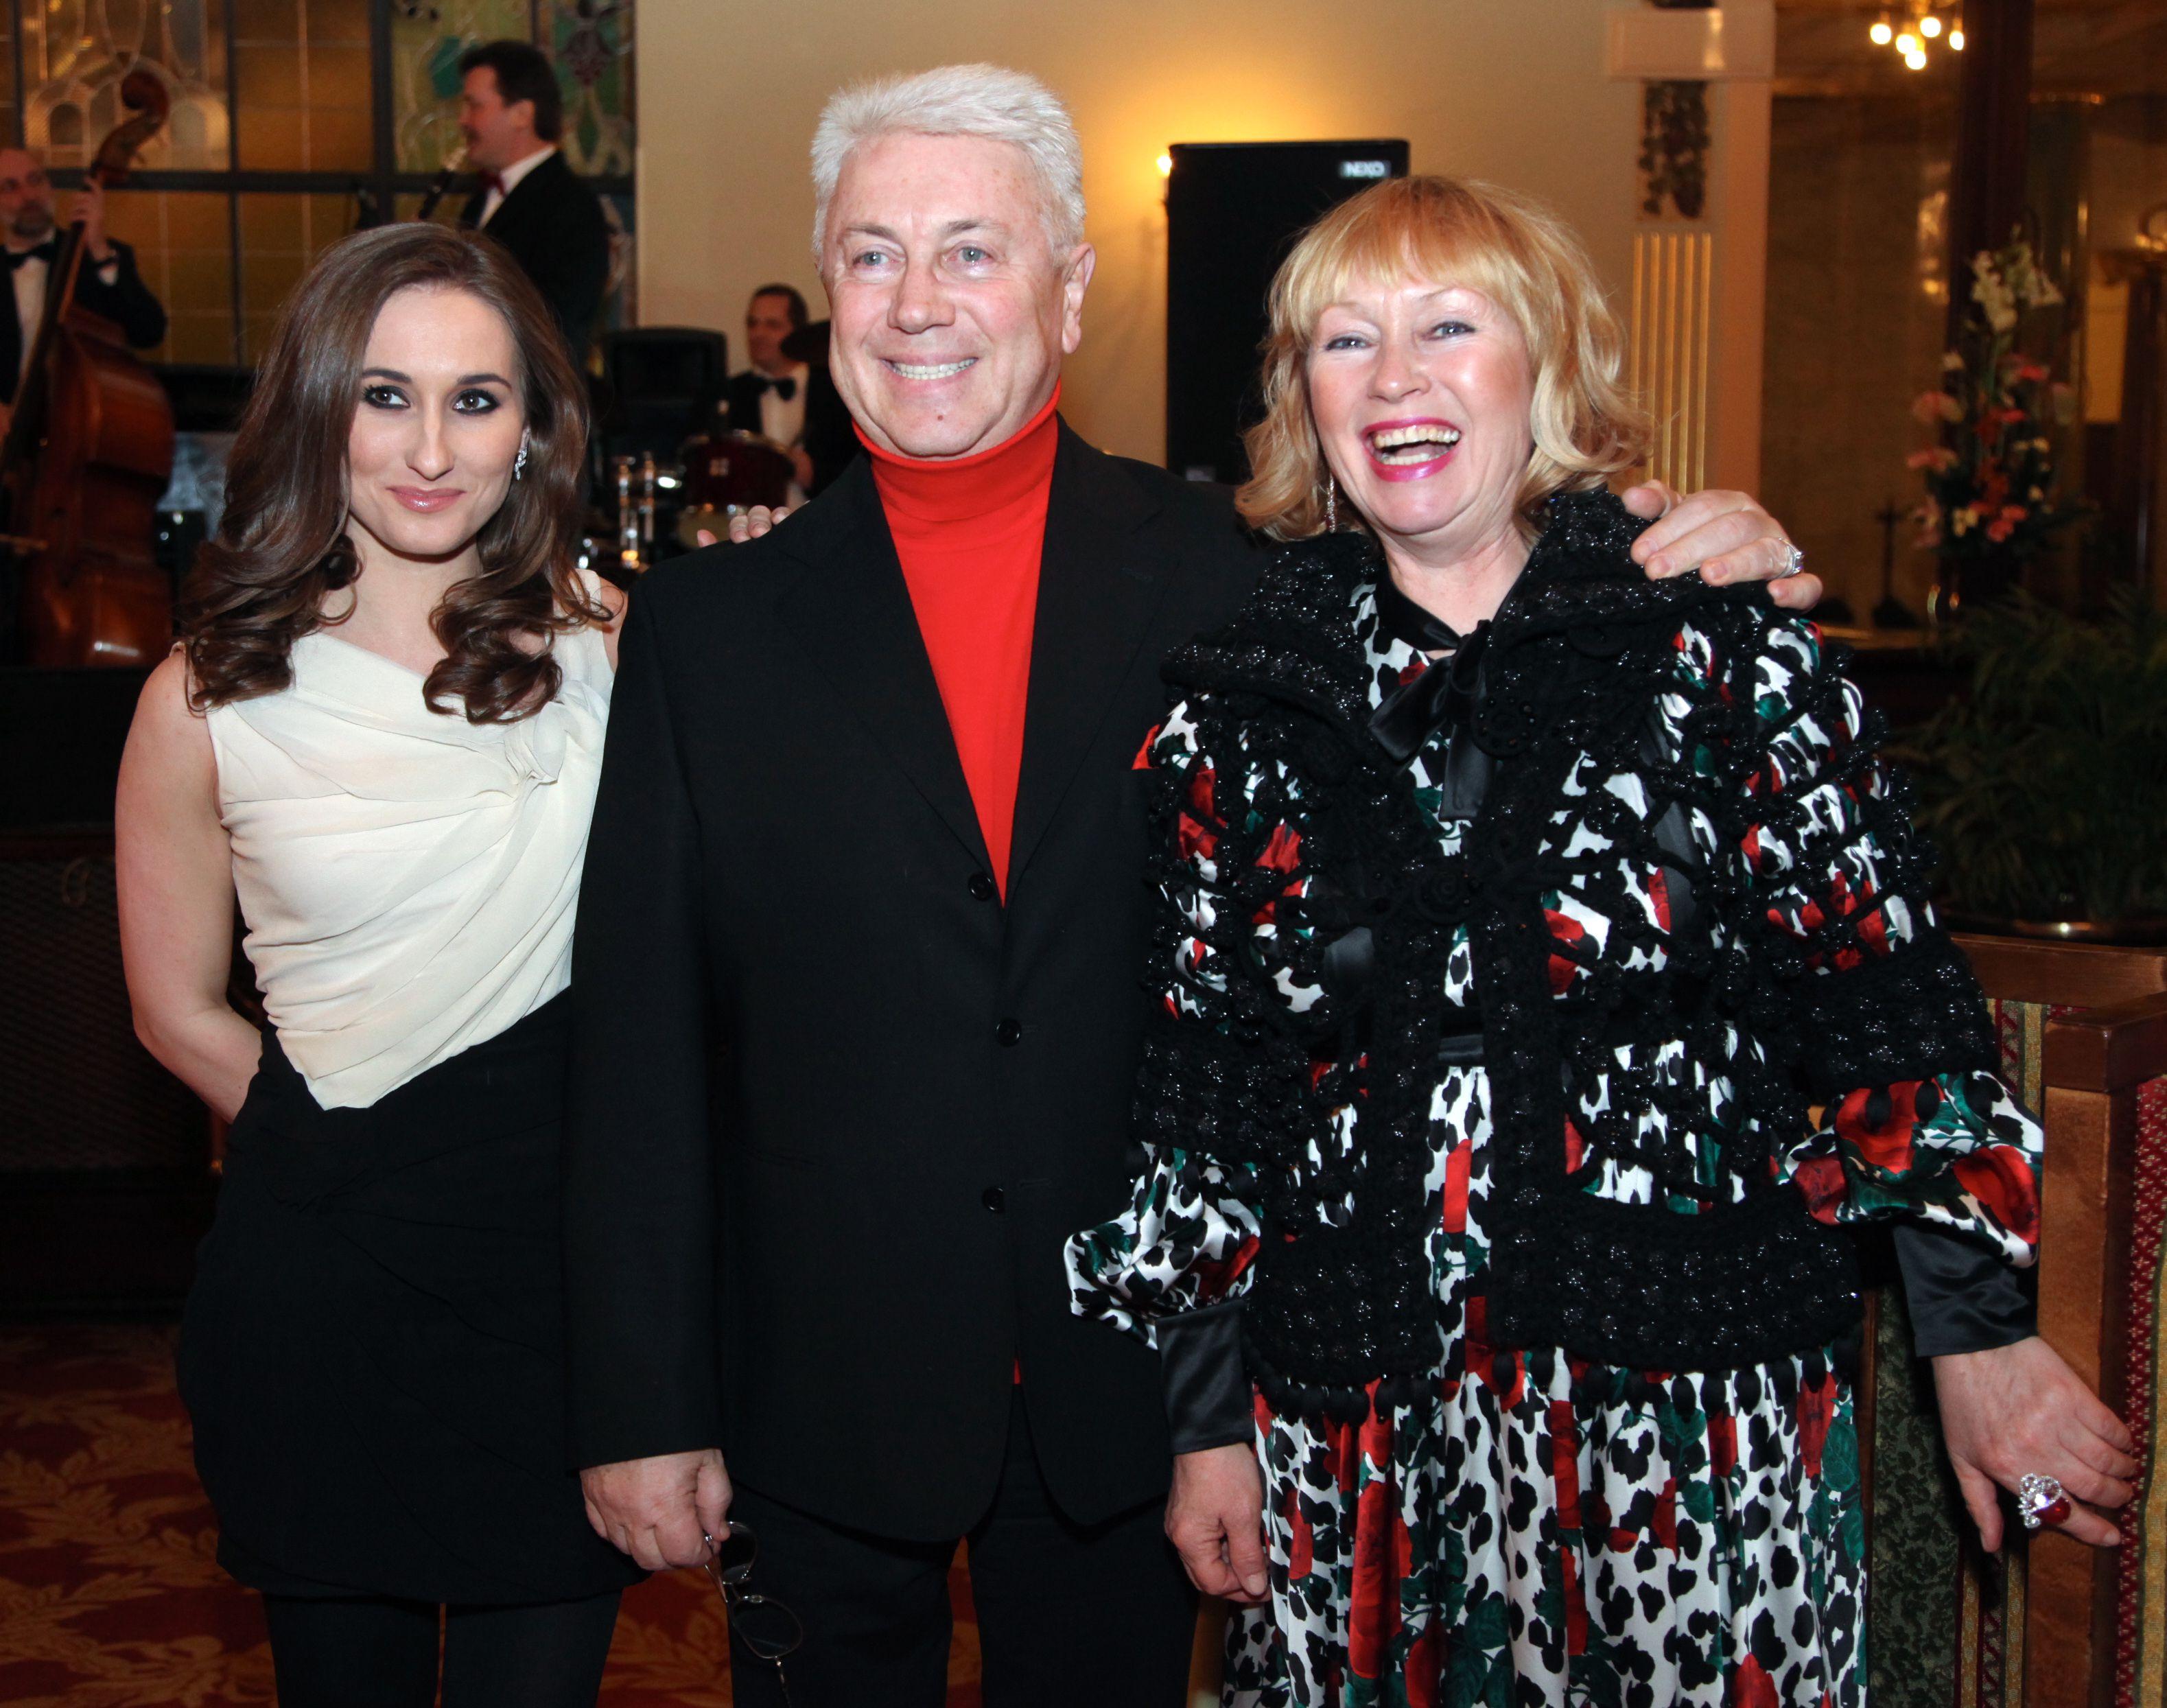 8 марта 2011 года. Юморист с дочерью Анастасией (слева) и супругой Тамарой. Фото: Екатерина Чеснокова/РИА Новости